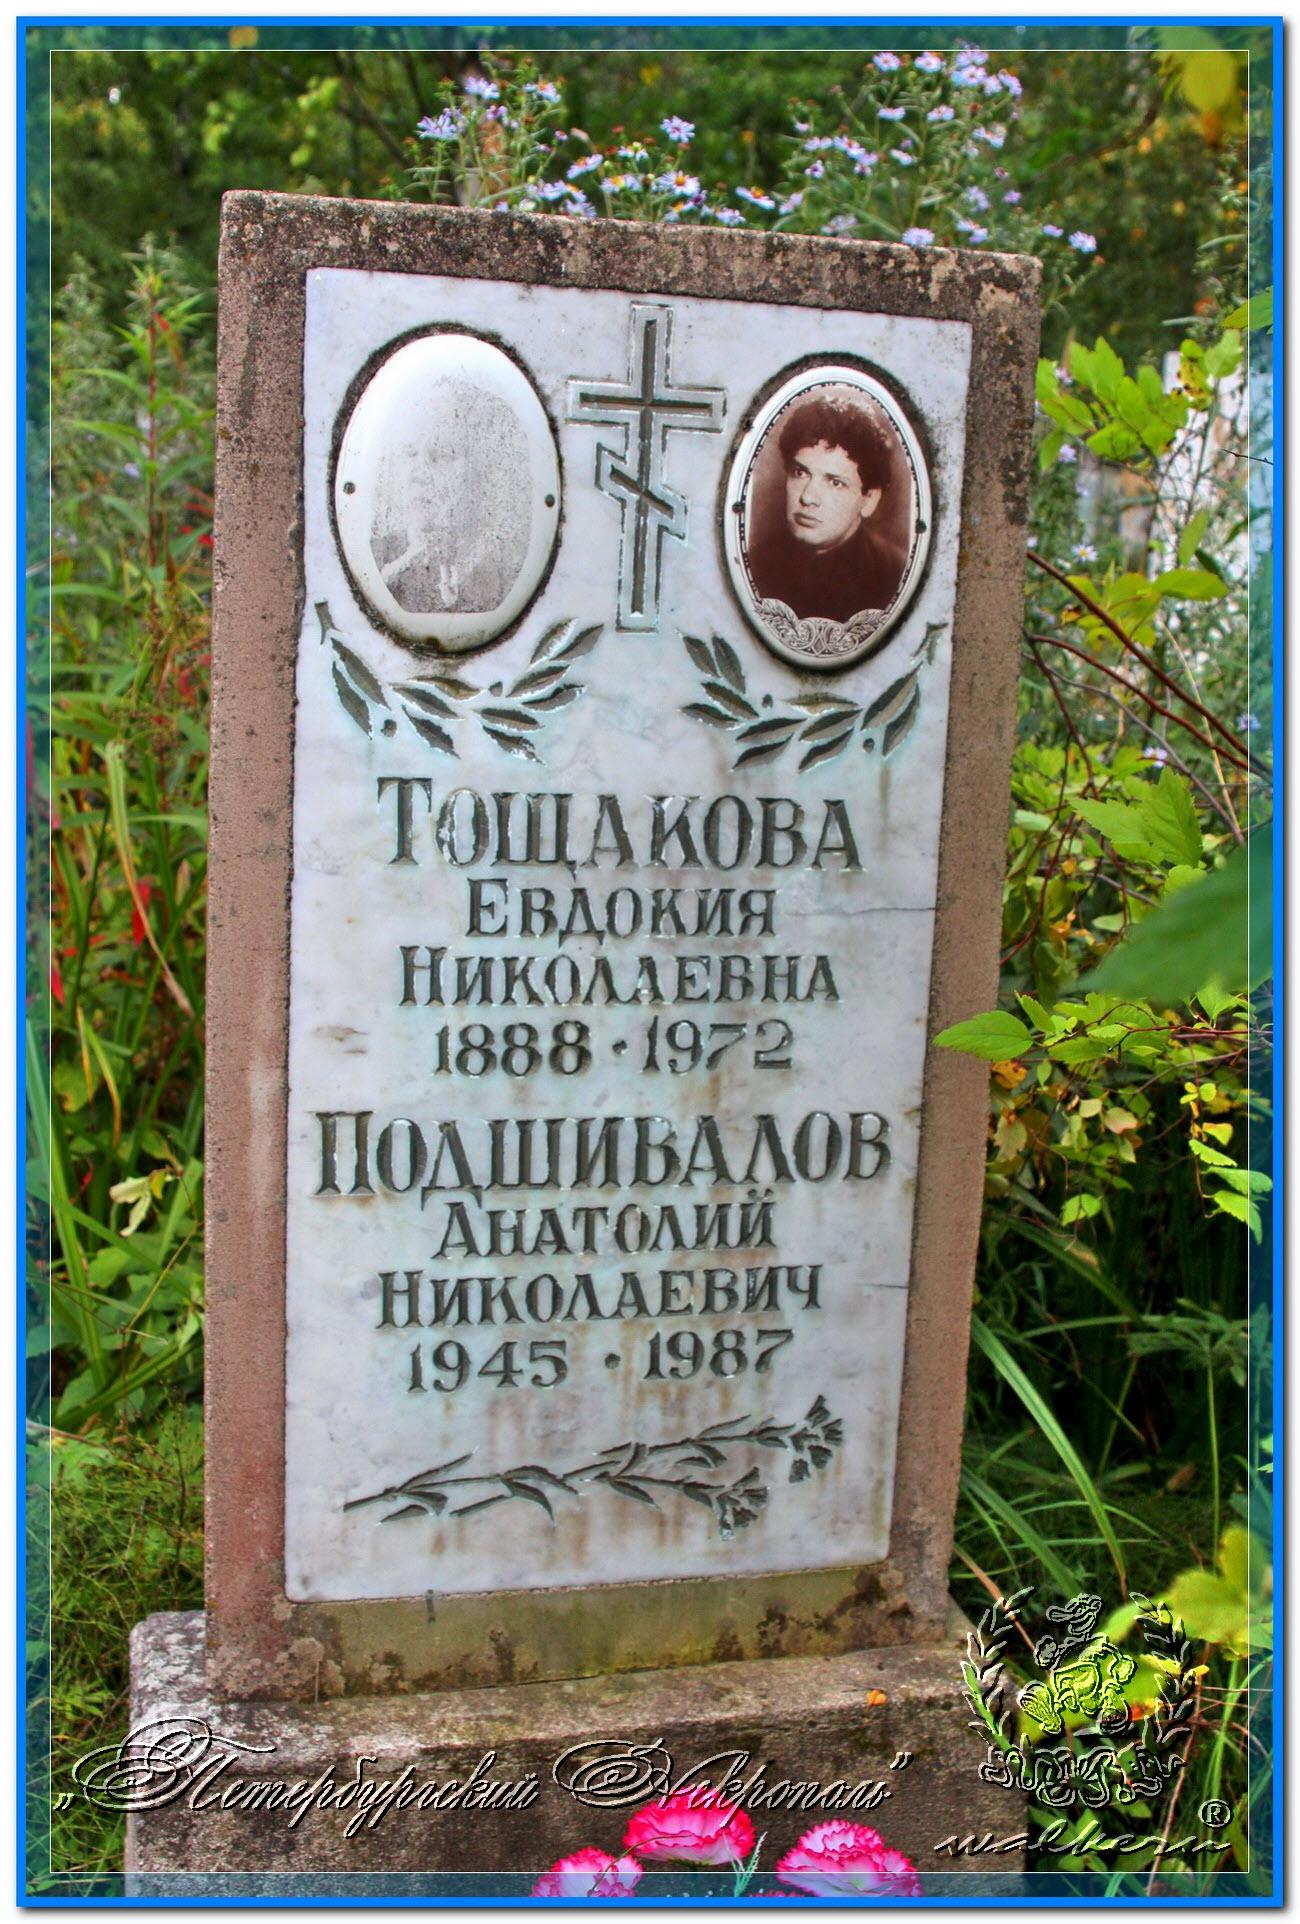 © Подшивалов Анатолий Николаевич